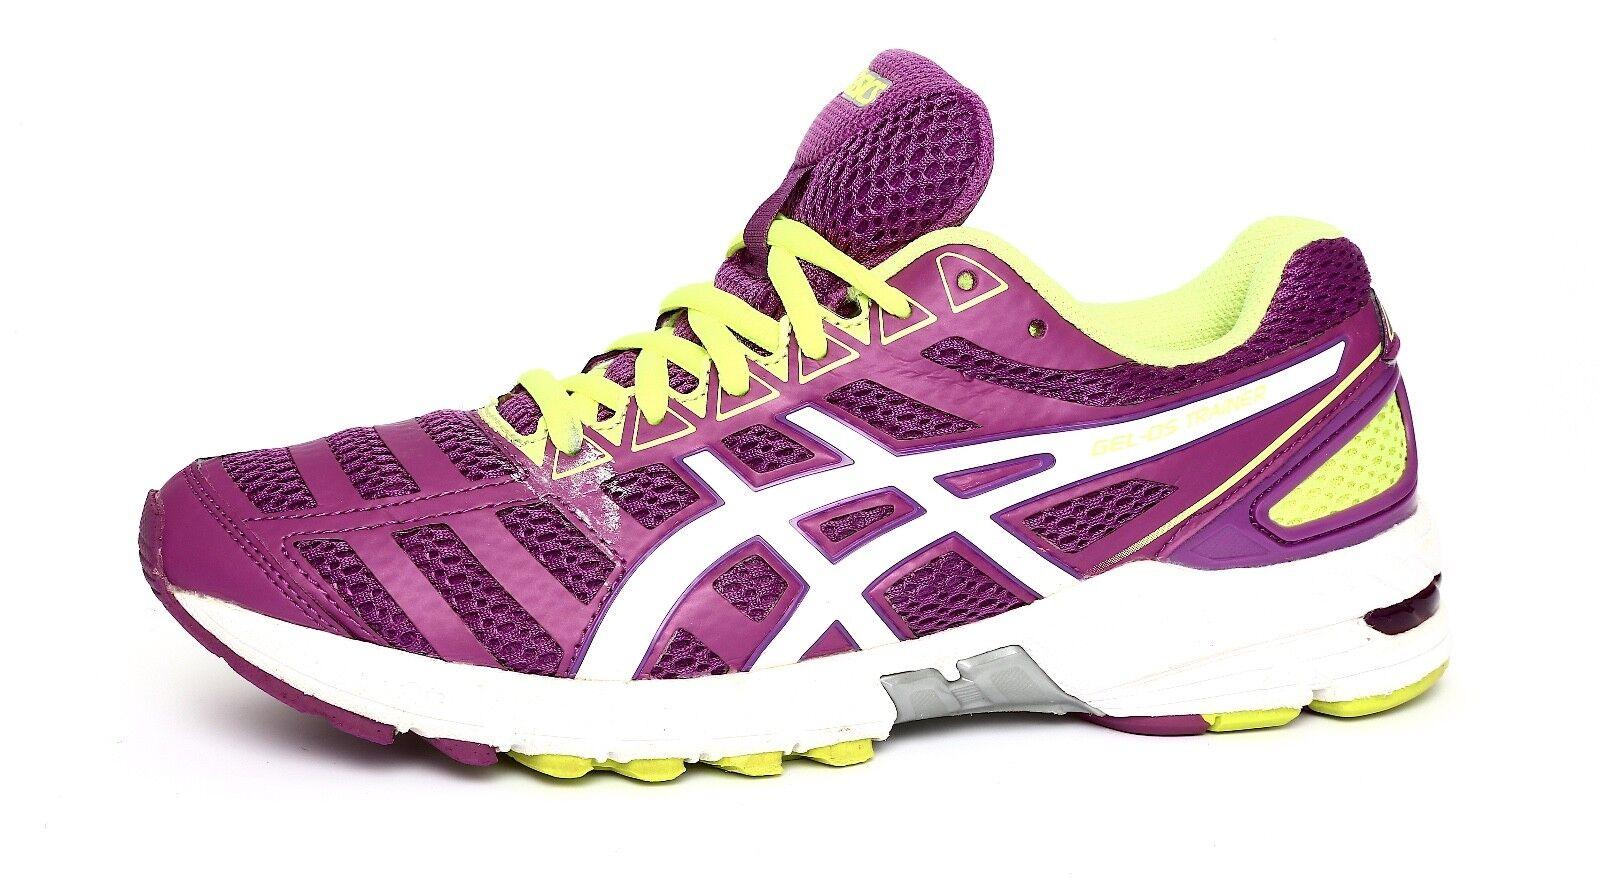 Asics Gel-DS Trainer Women's Purple Sneakers Sz 7.5 1321